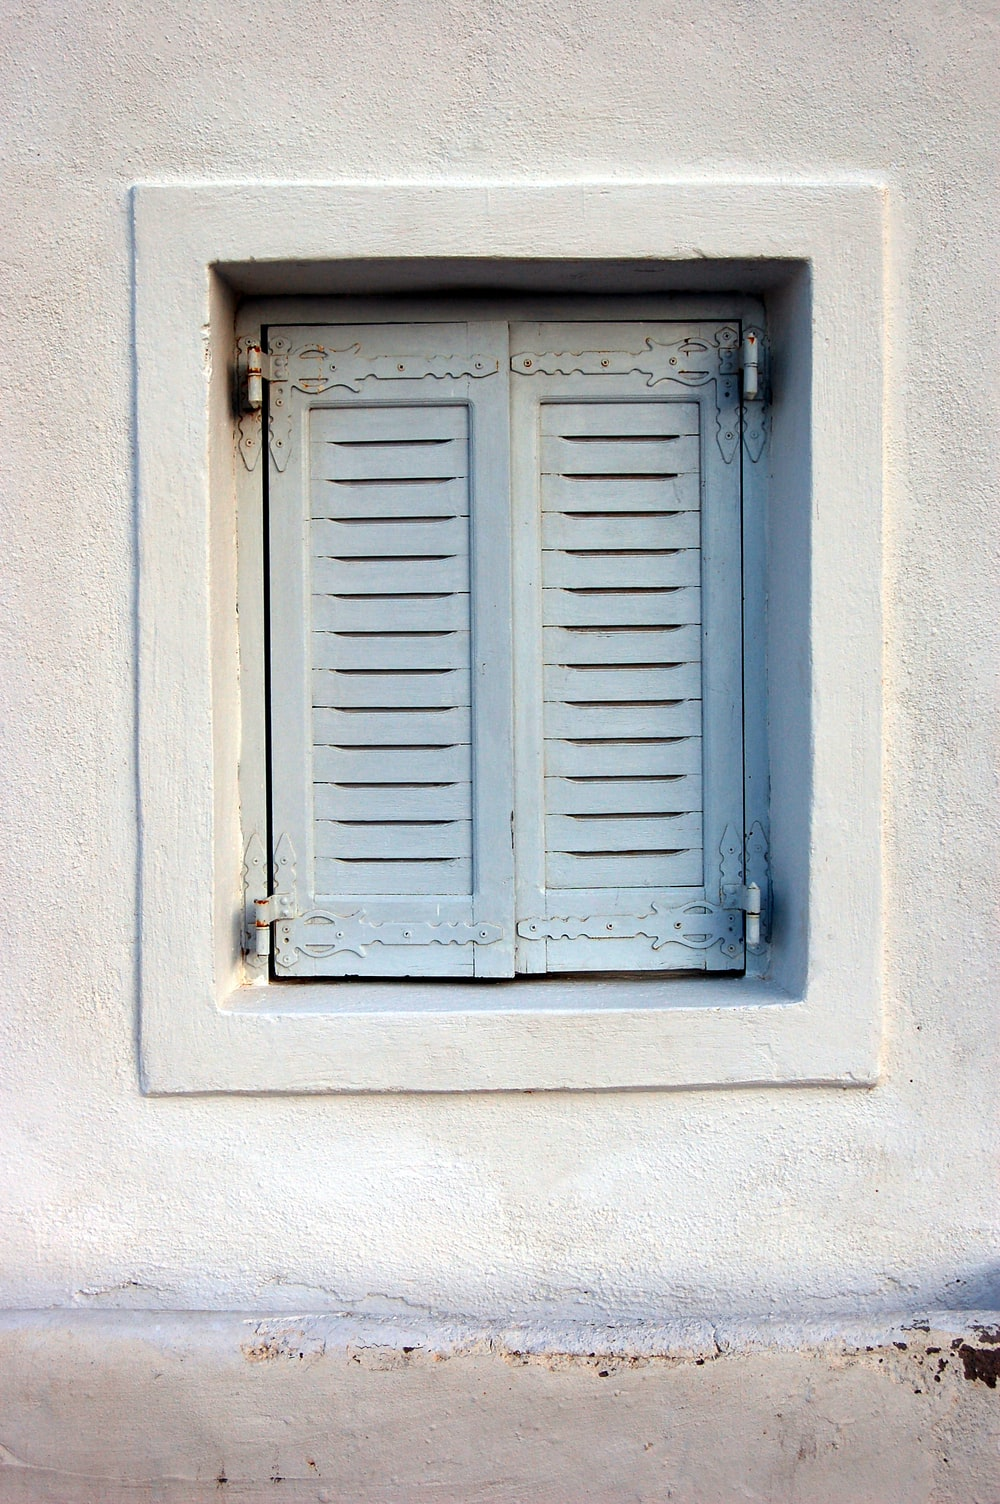 gray wooden 2-door window closed